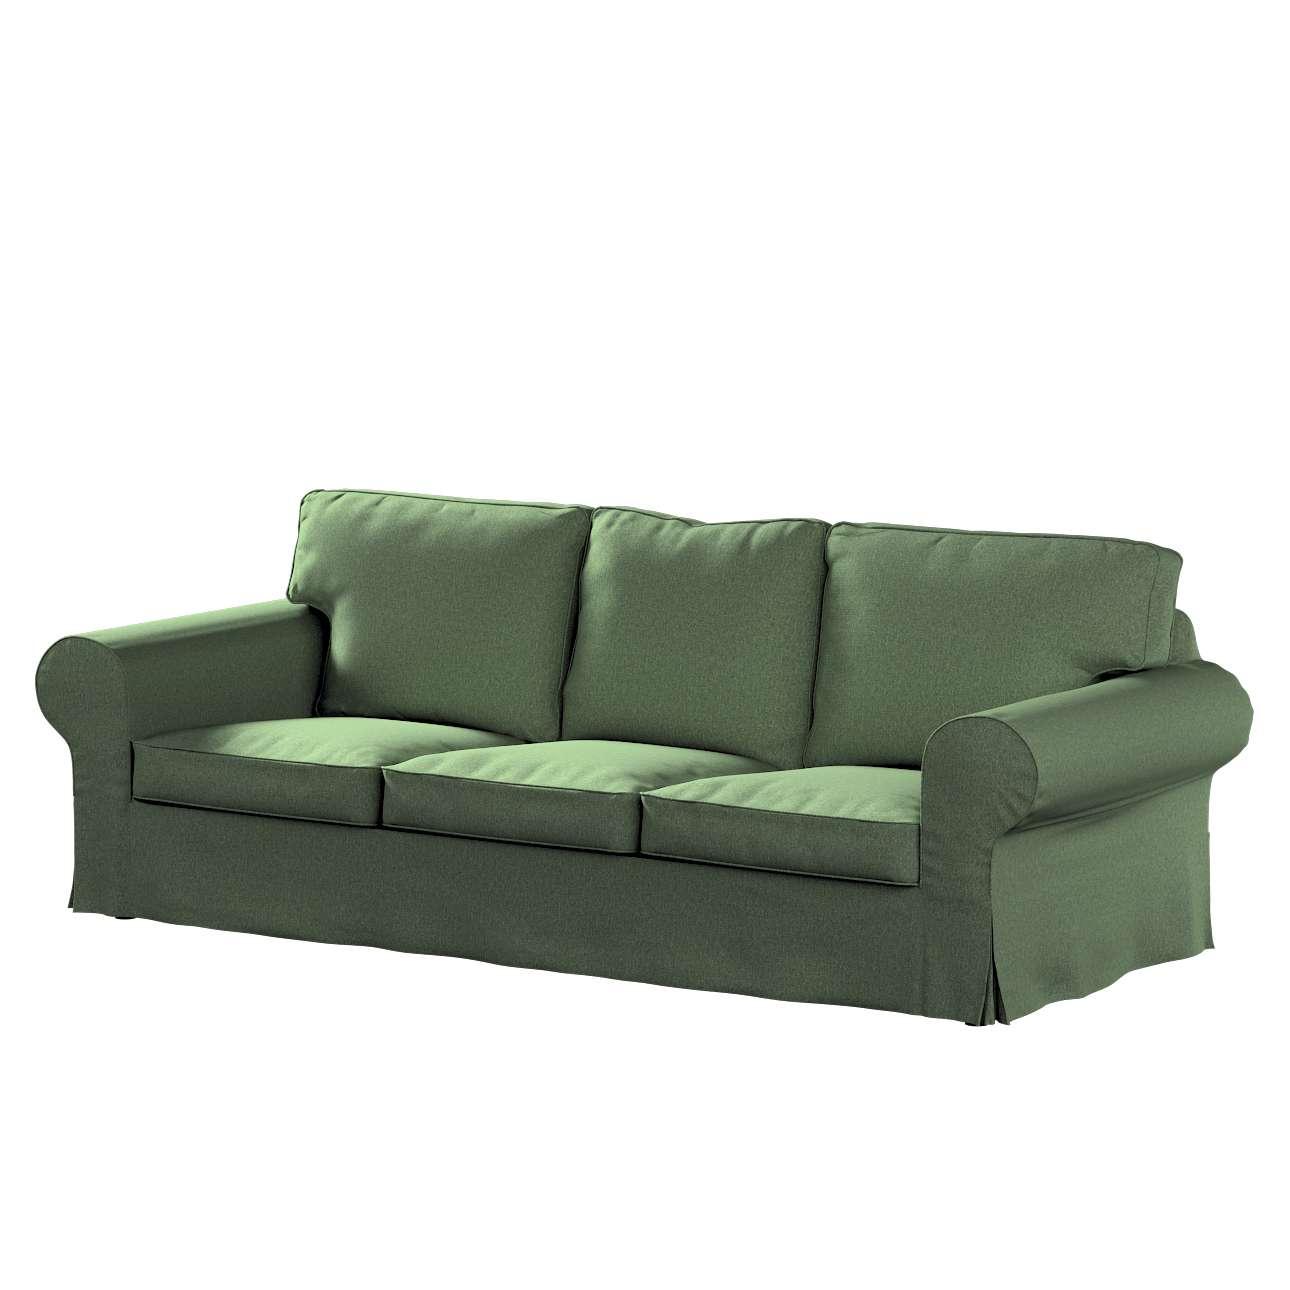 Pokrowiec na sofę Ektorp 3-osobową, nierozkładaną w kolekcji Amsterdam, tkanina: 704-44